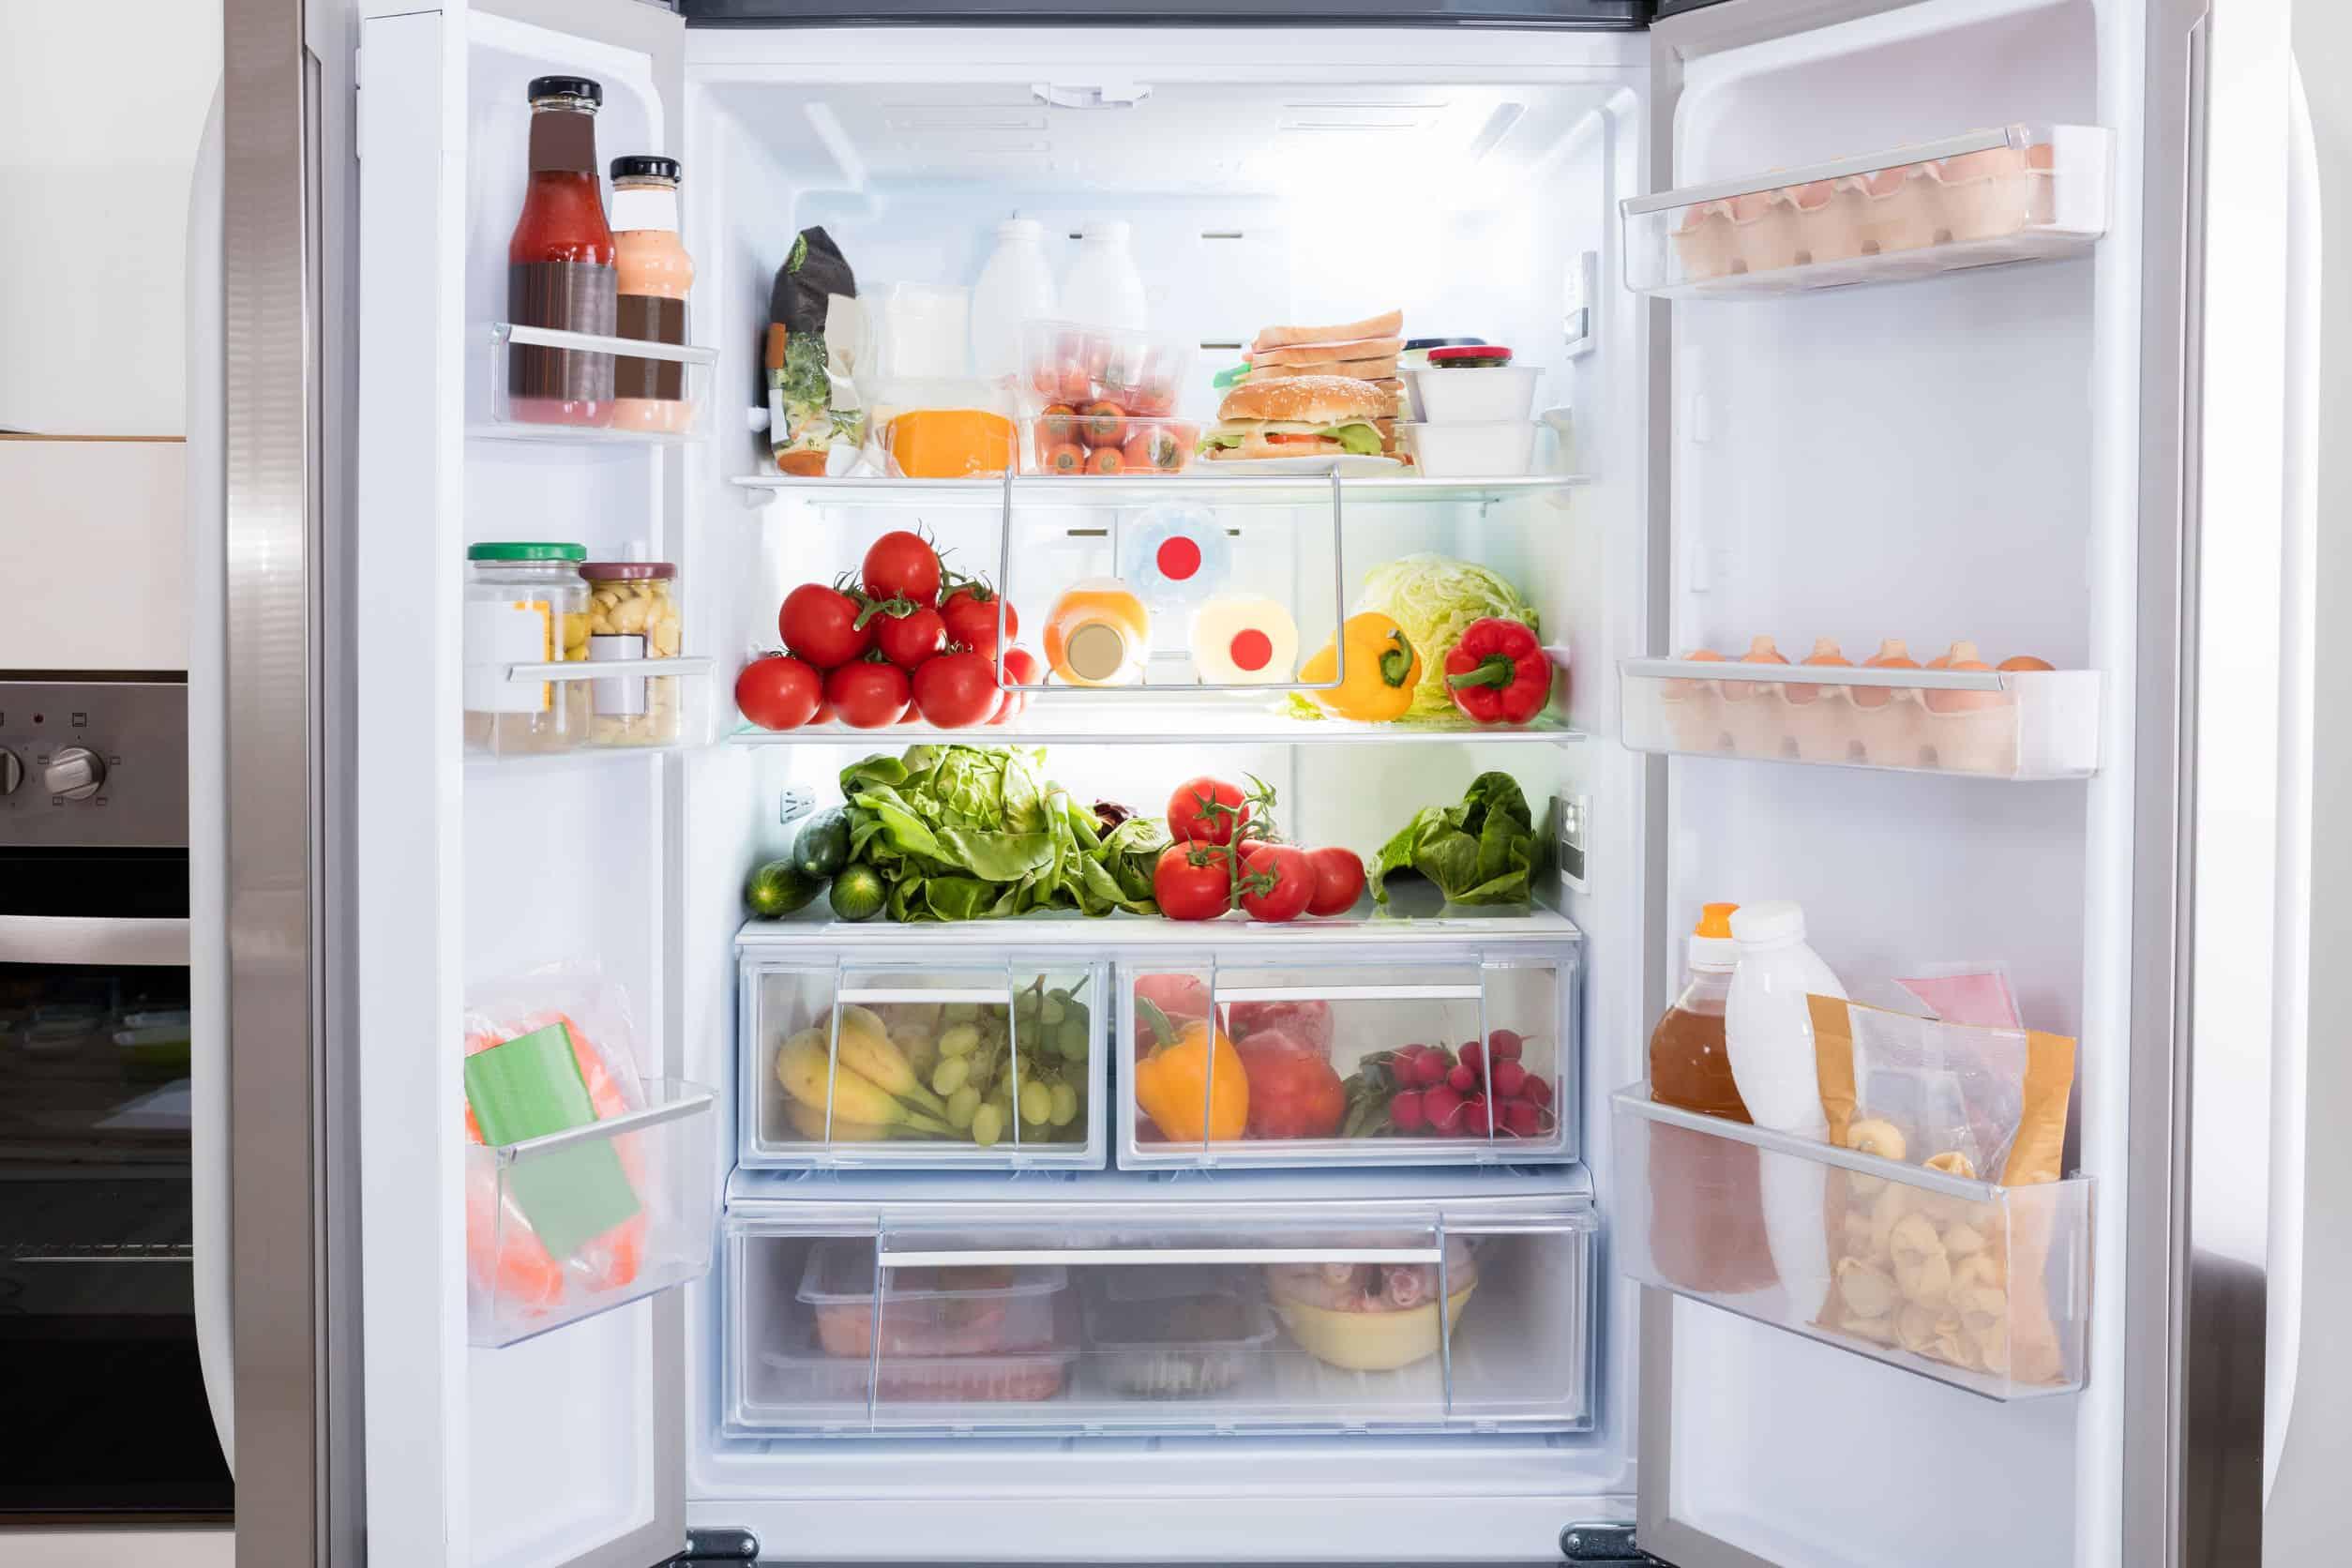 Kühlschrank ohne Gefrierfach: Test & Empfehlungen (09/20)